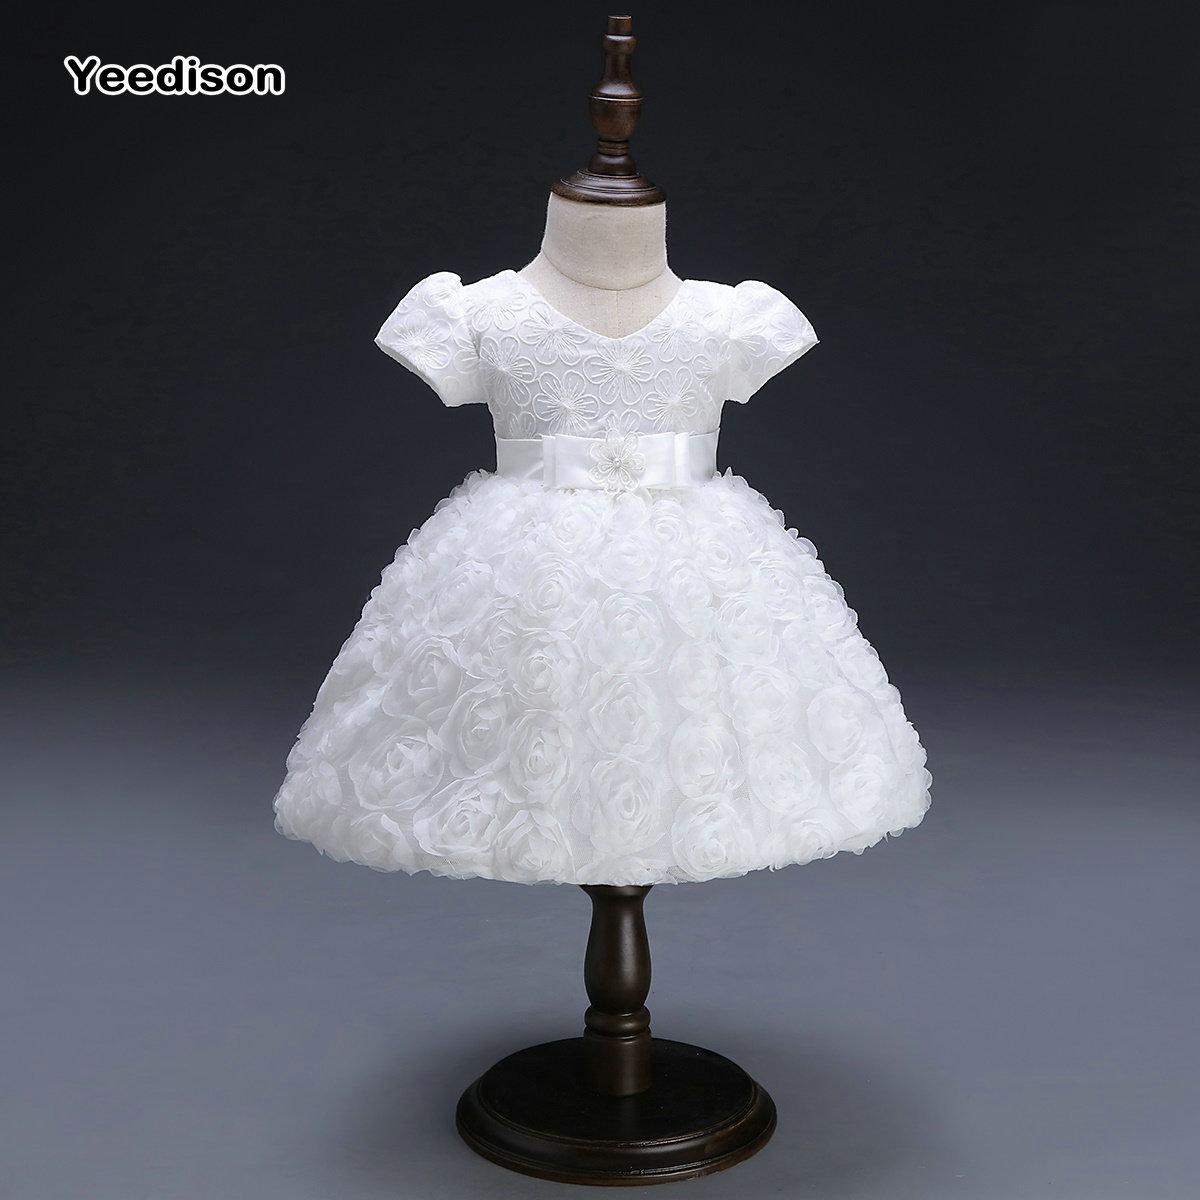 Yeedison Kurzarm Baby Mädchen Kleid Prinzessin und Hochzeit Tutu ...